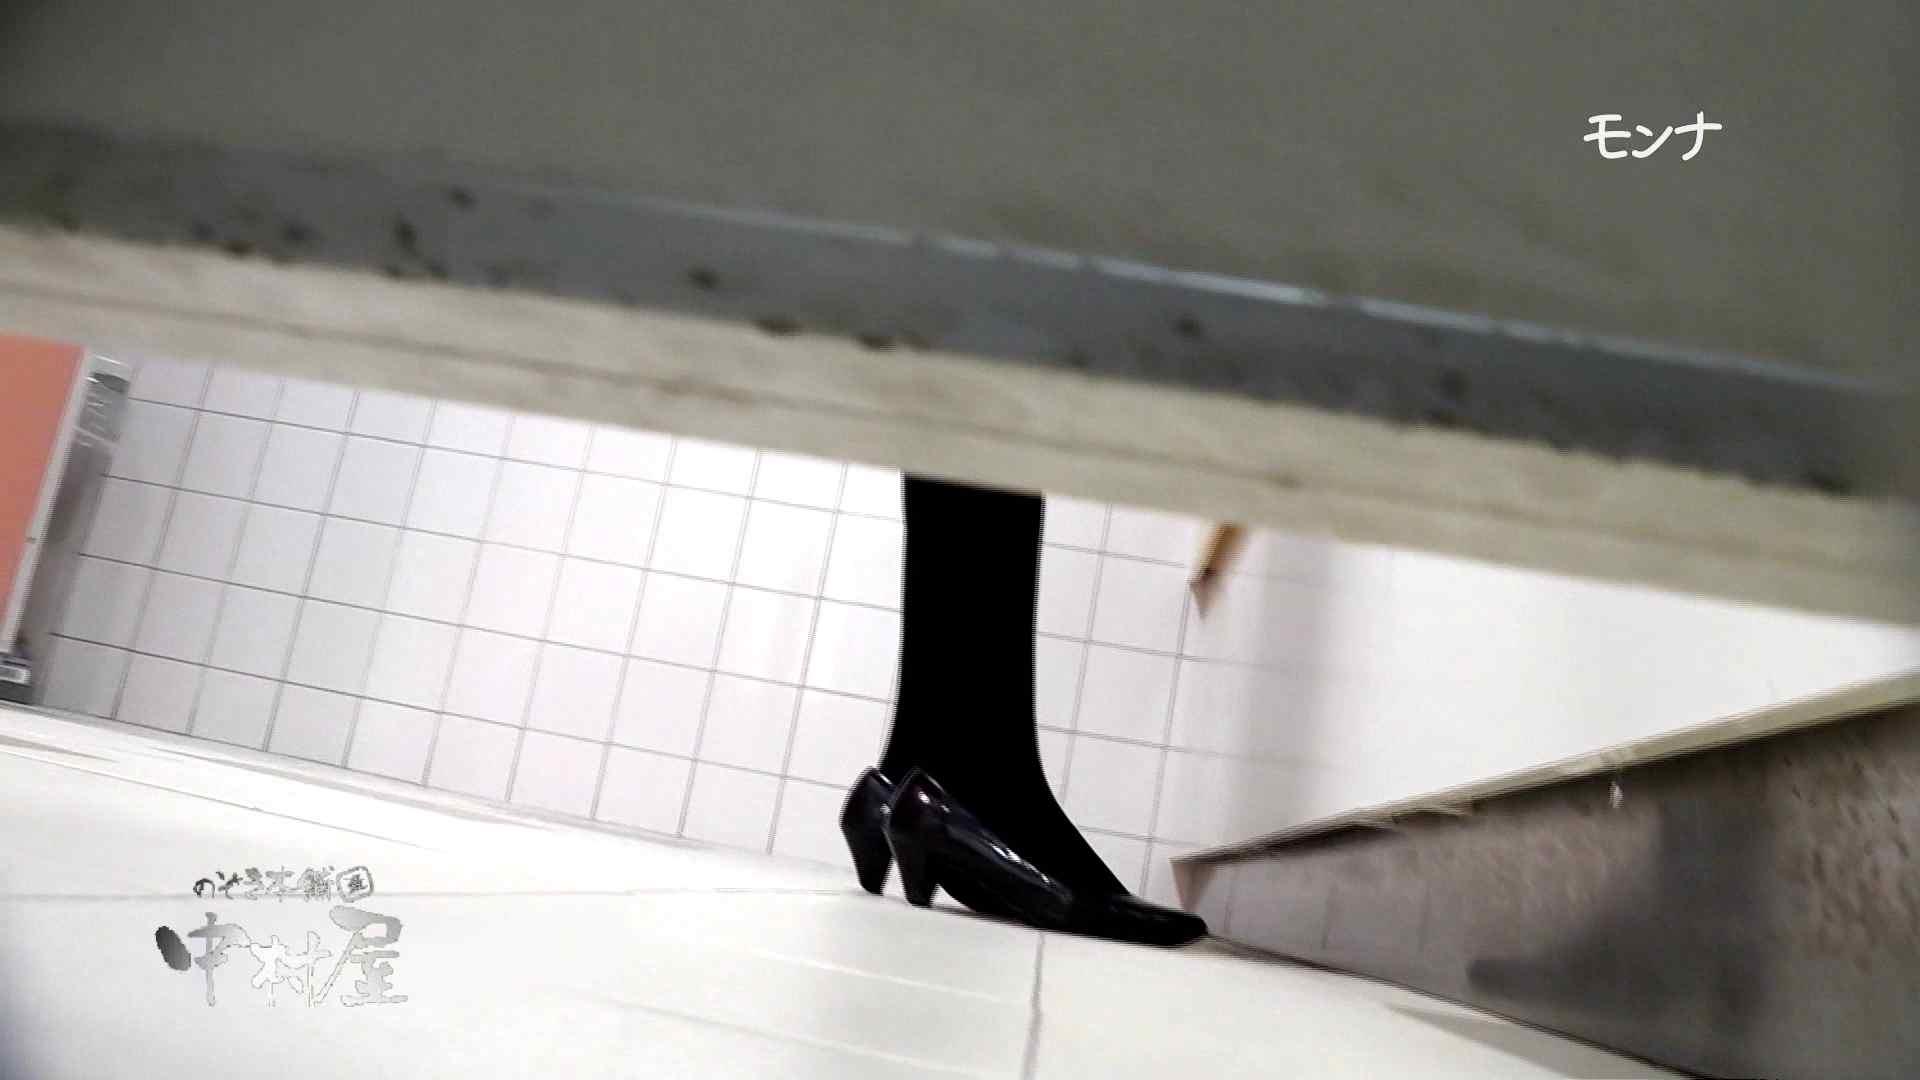 【美しい日本の未来】新学期!!下半身中心に攻めてます美女可愛い女子悪戯盗satuトイレ後編 トイレ流出  82連発 12